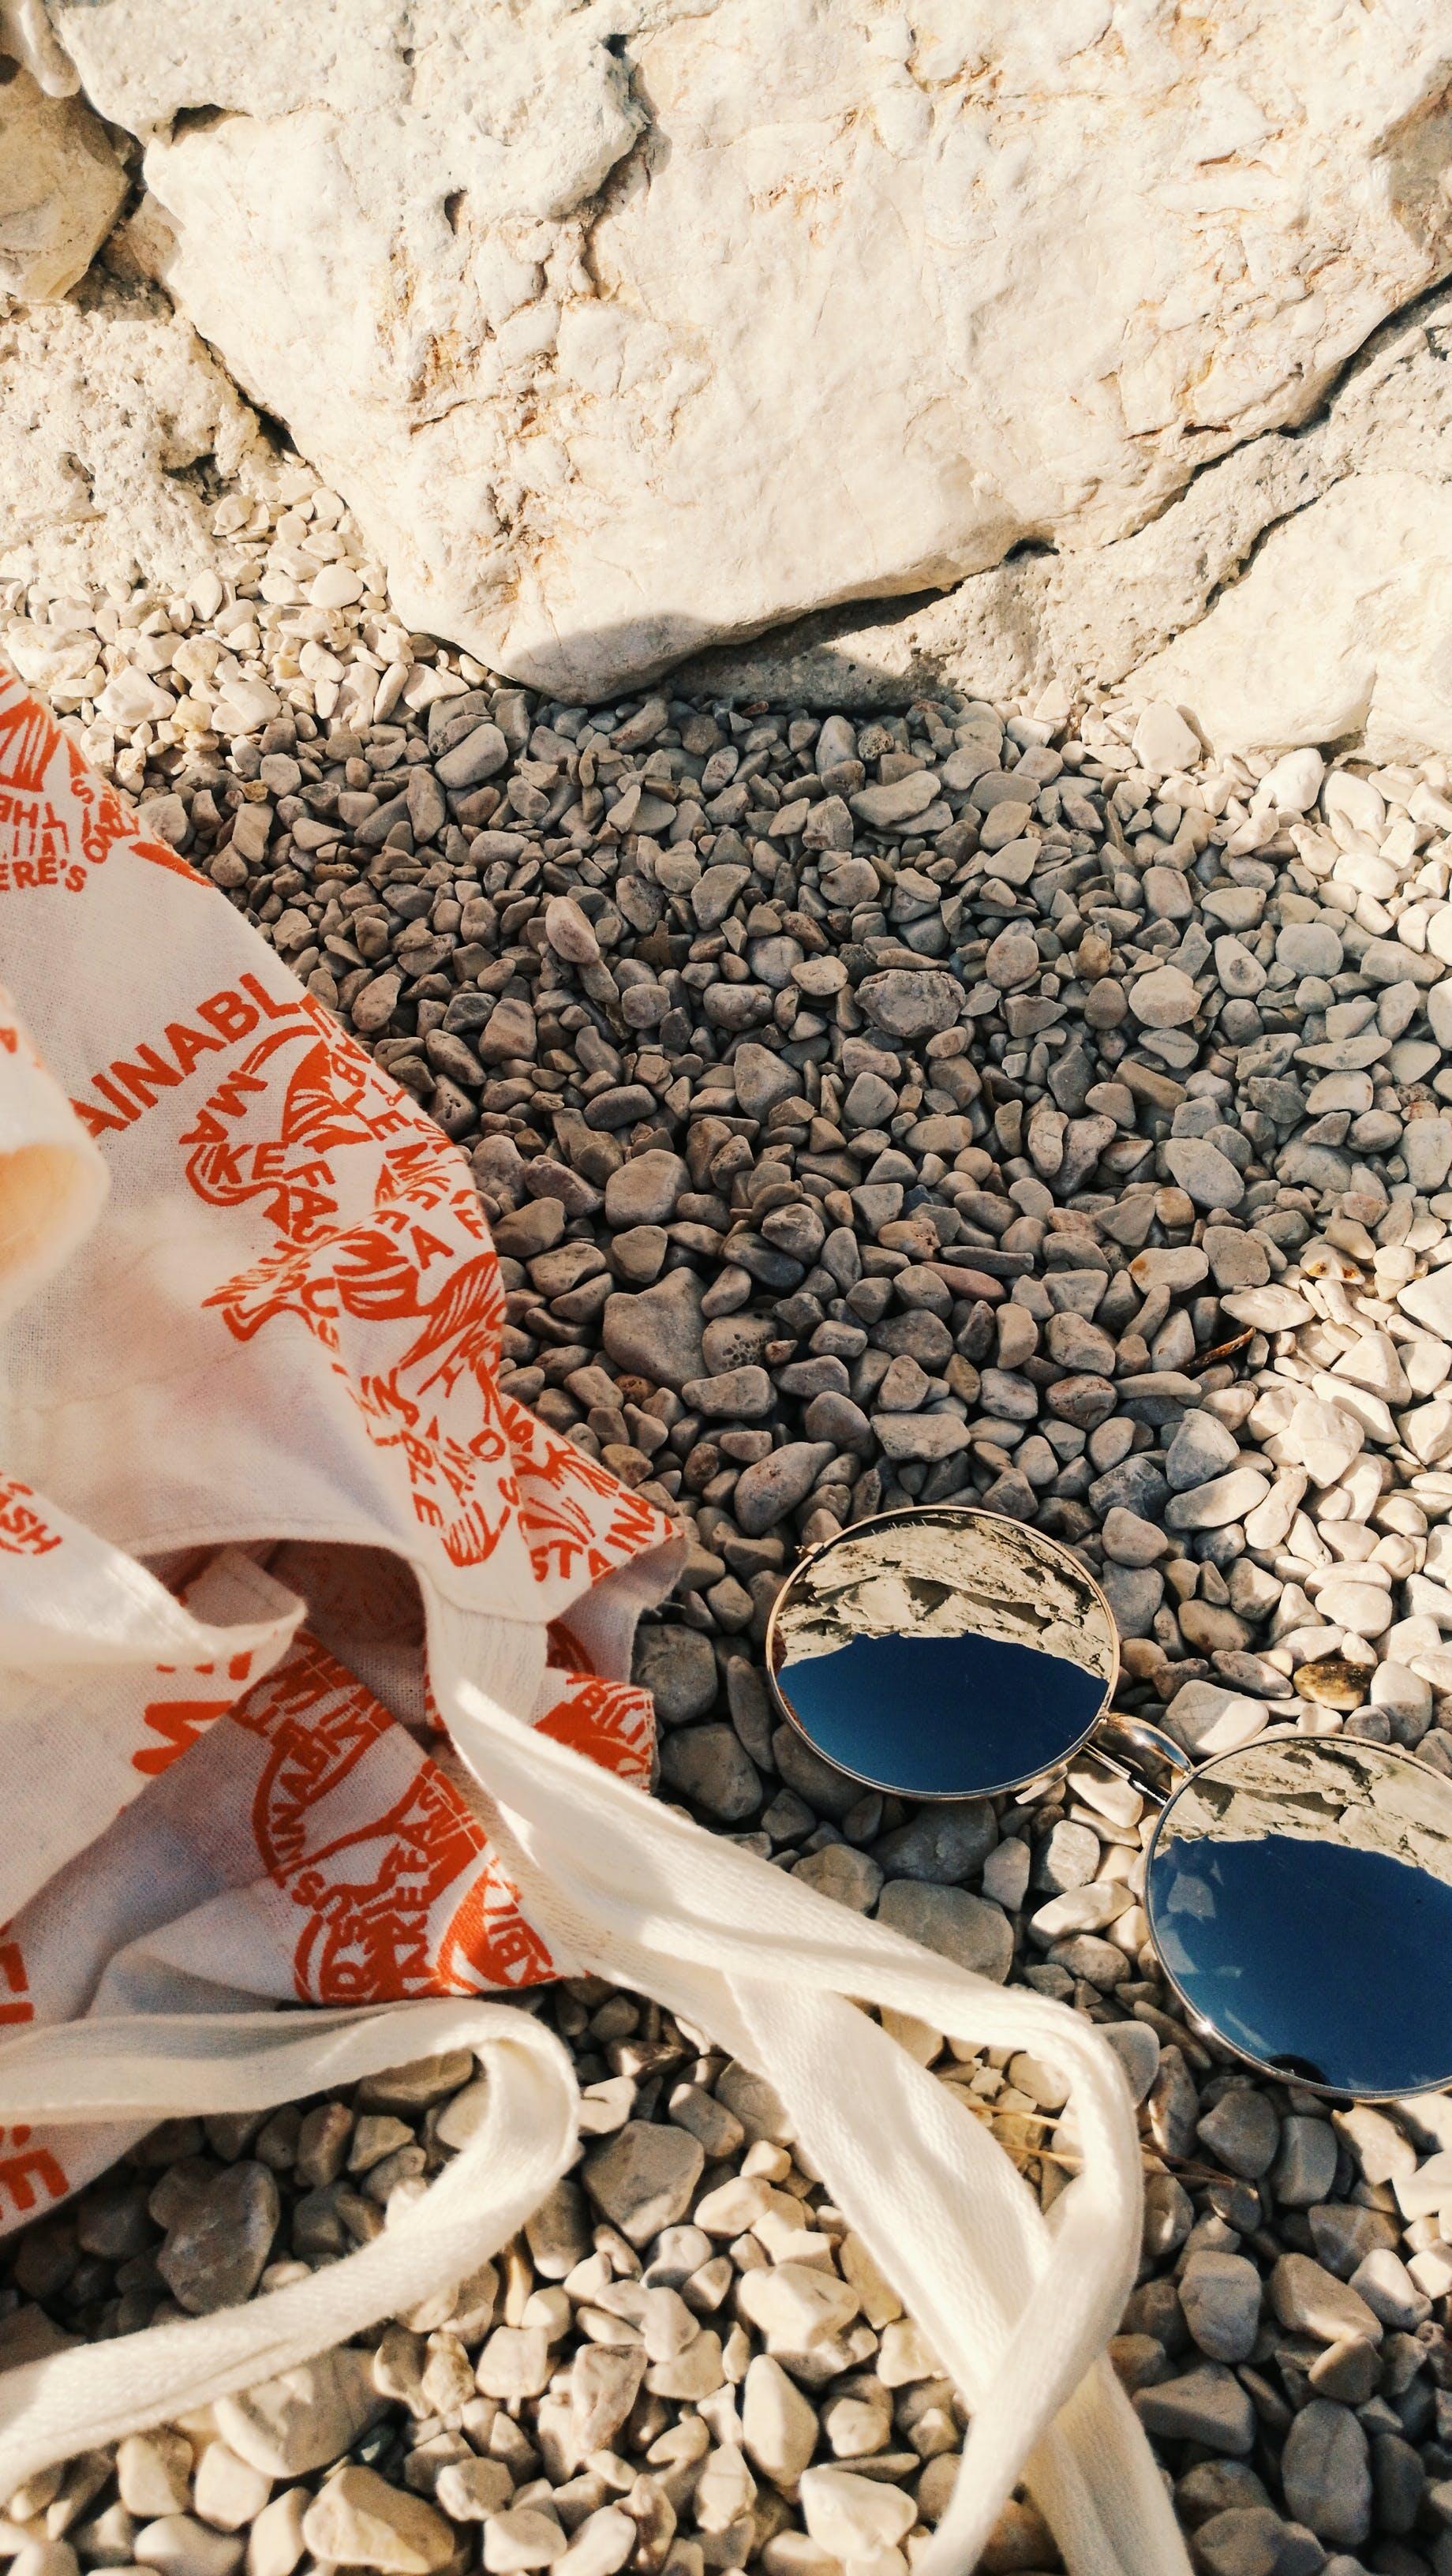 Black Sunglasses on Pebbles Outdoors